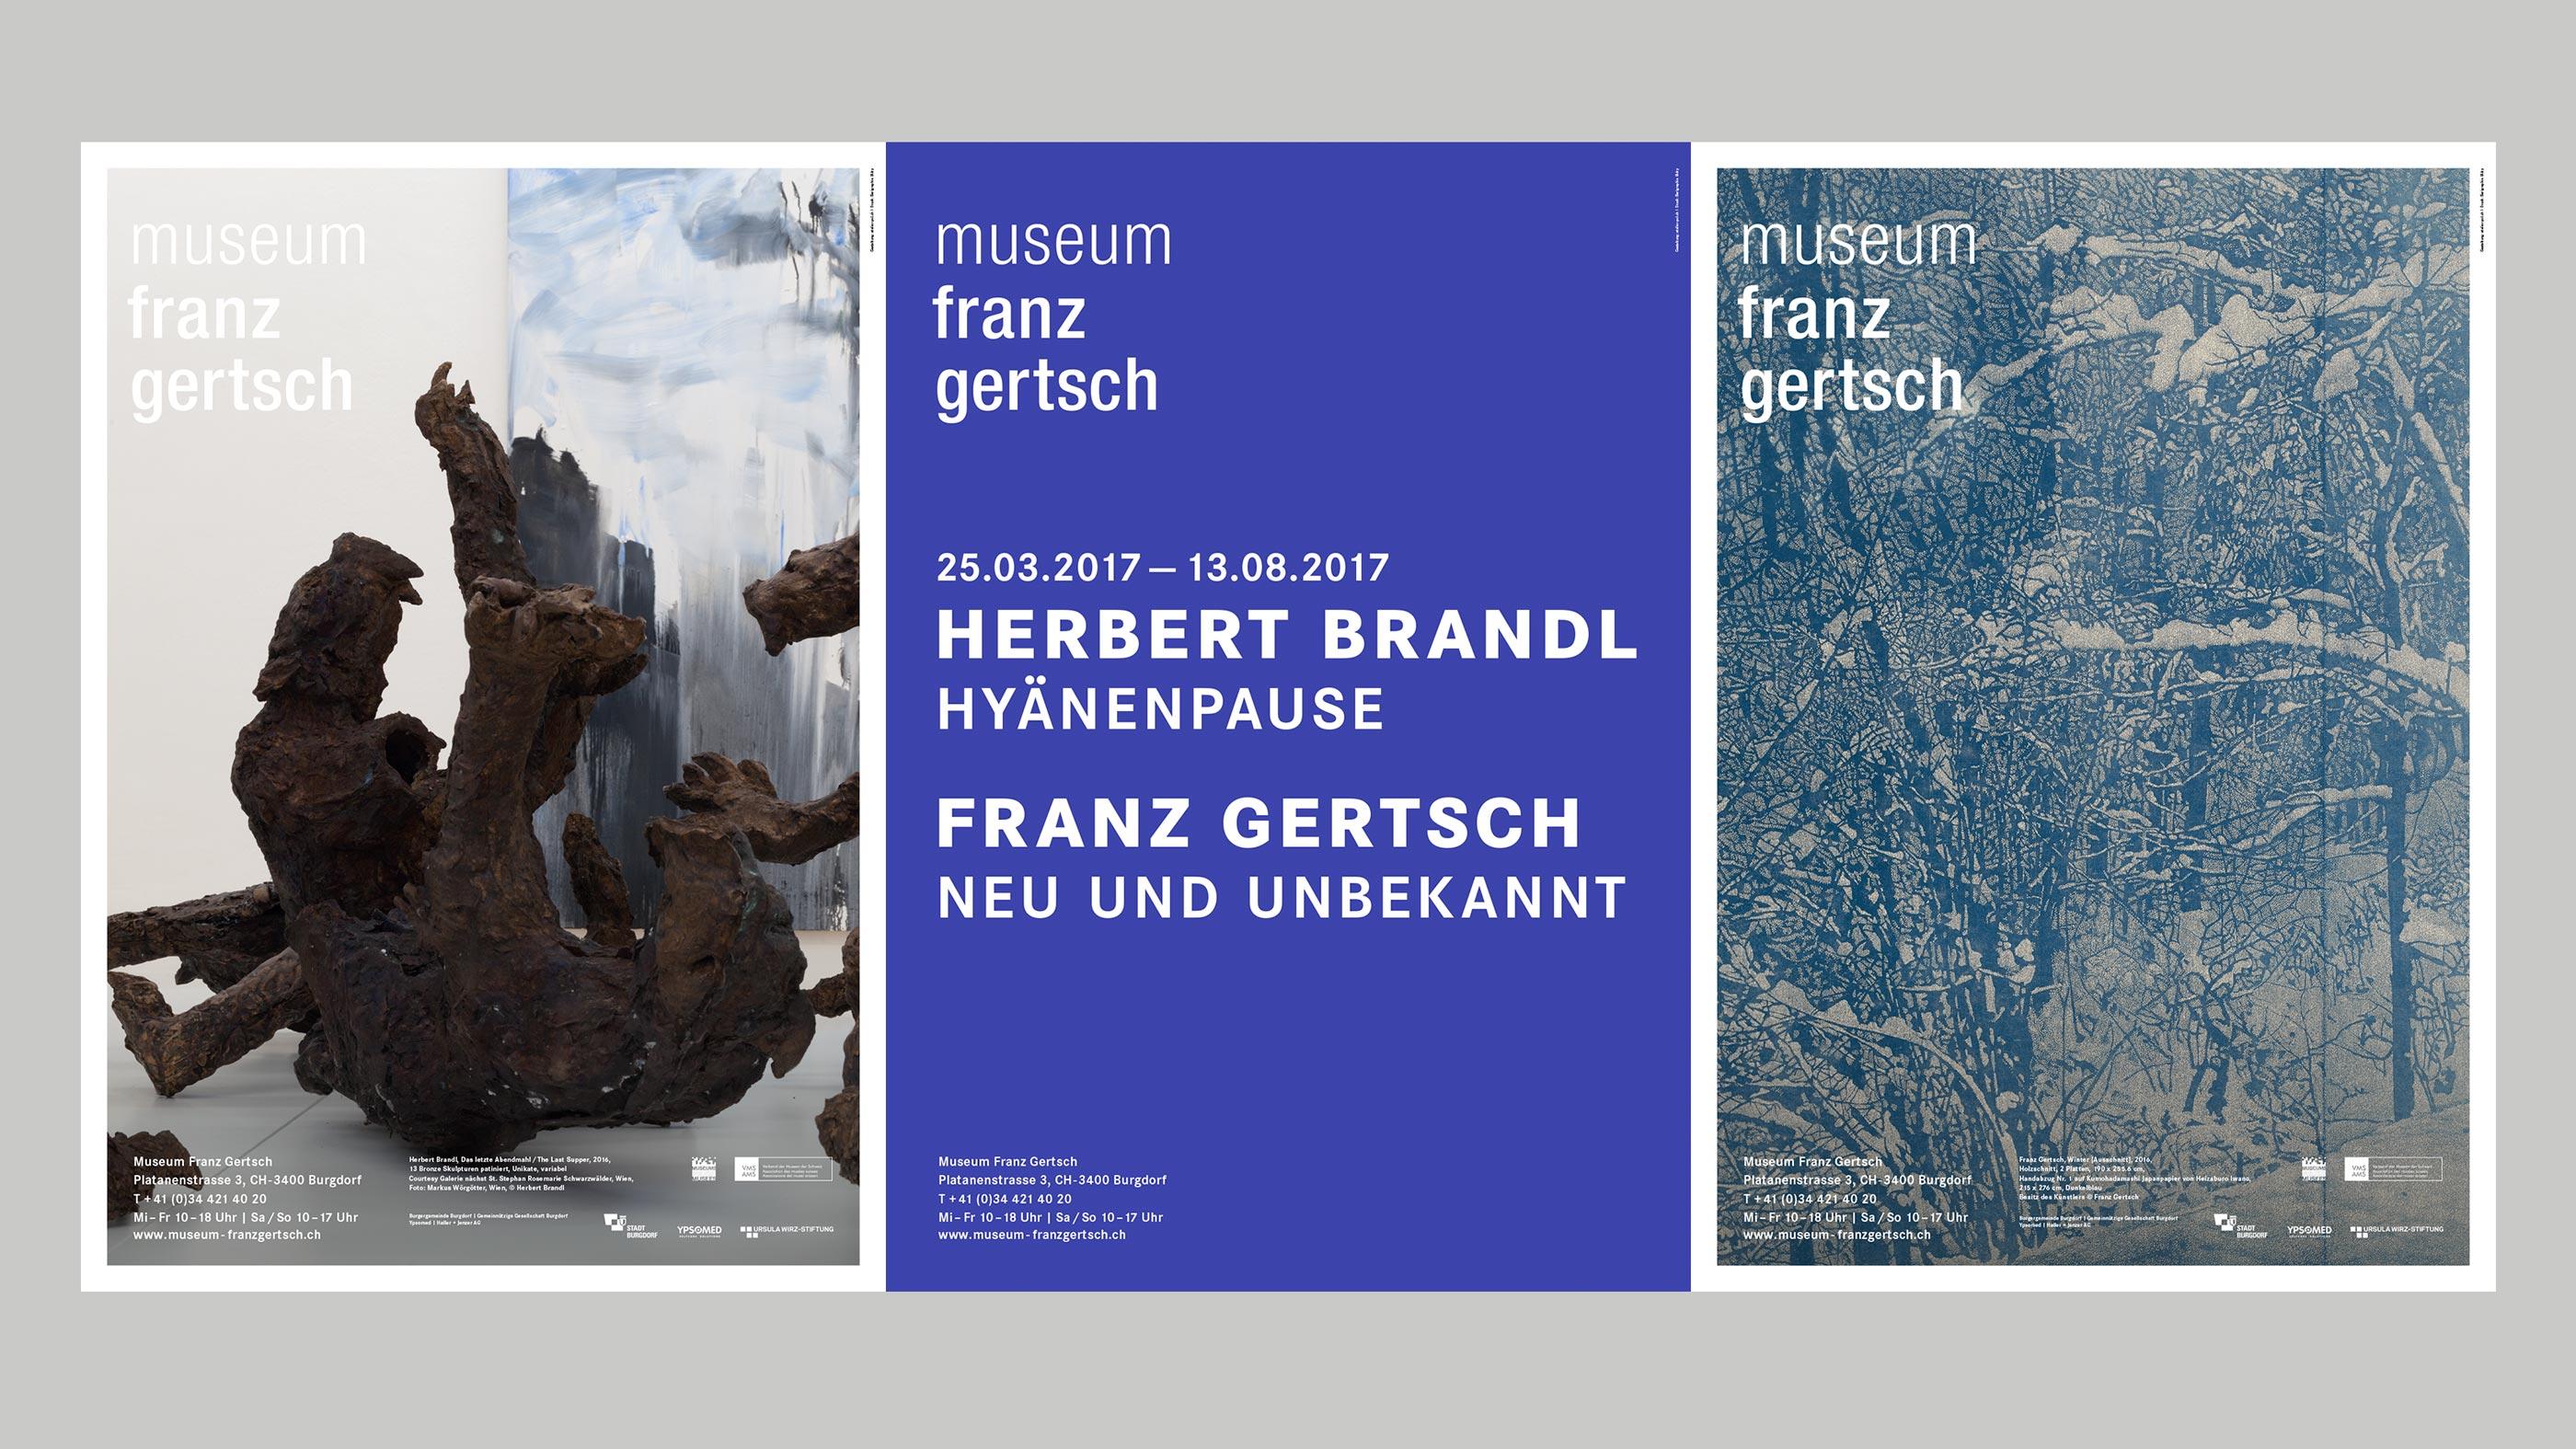 Museum Franz Gertsch – Kommunikation, Poster trio, spring 2017 ©Atelier Pol